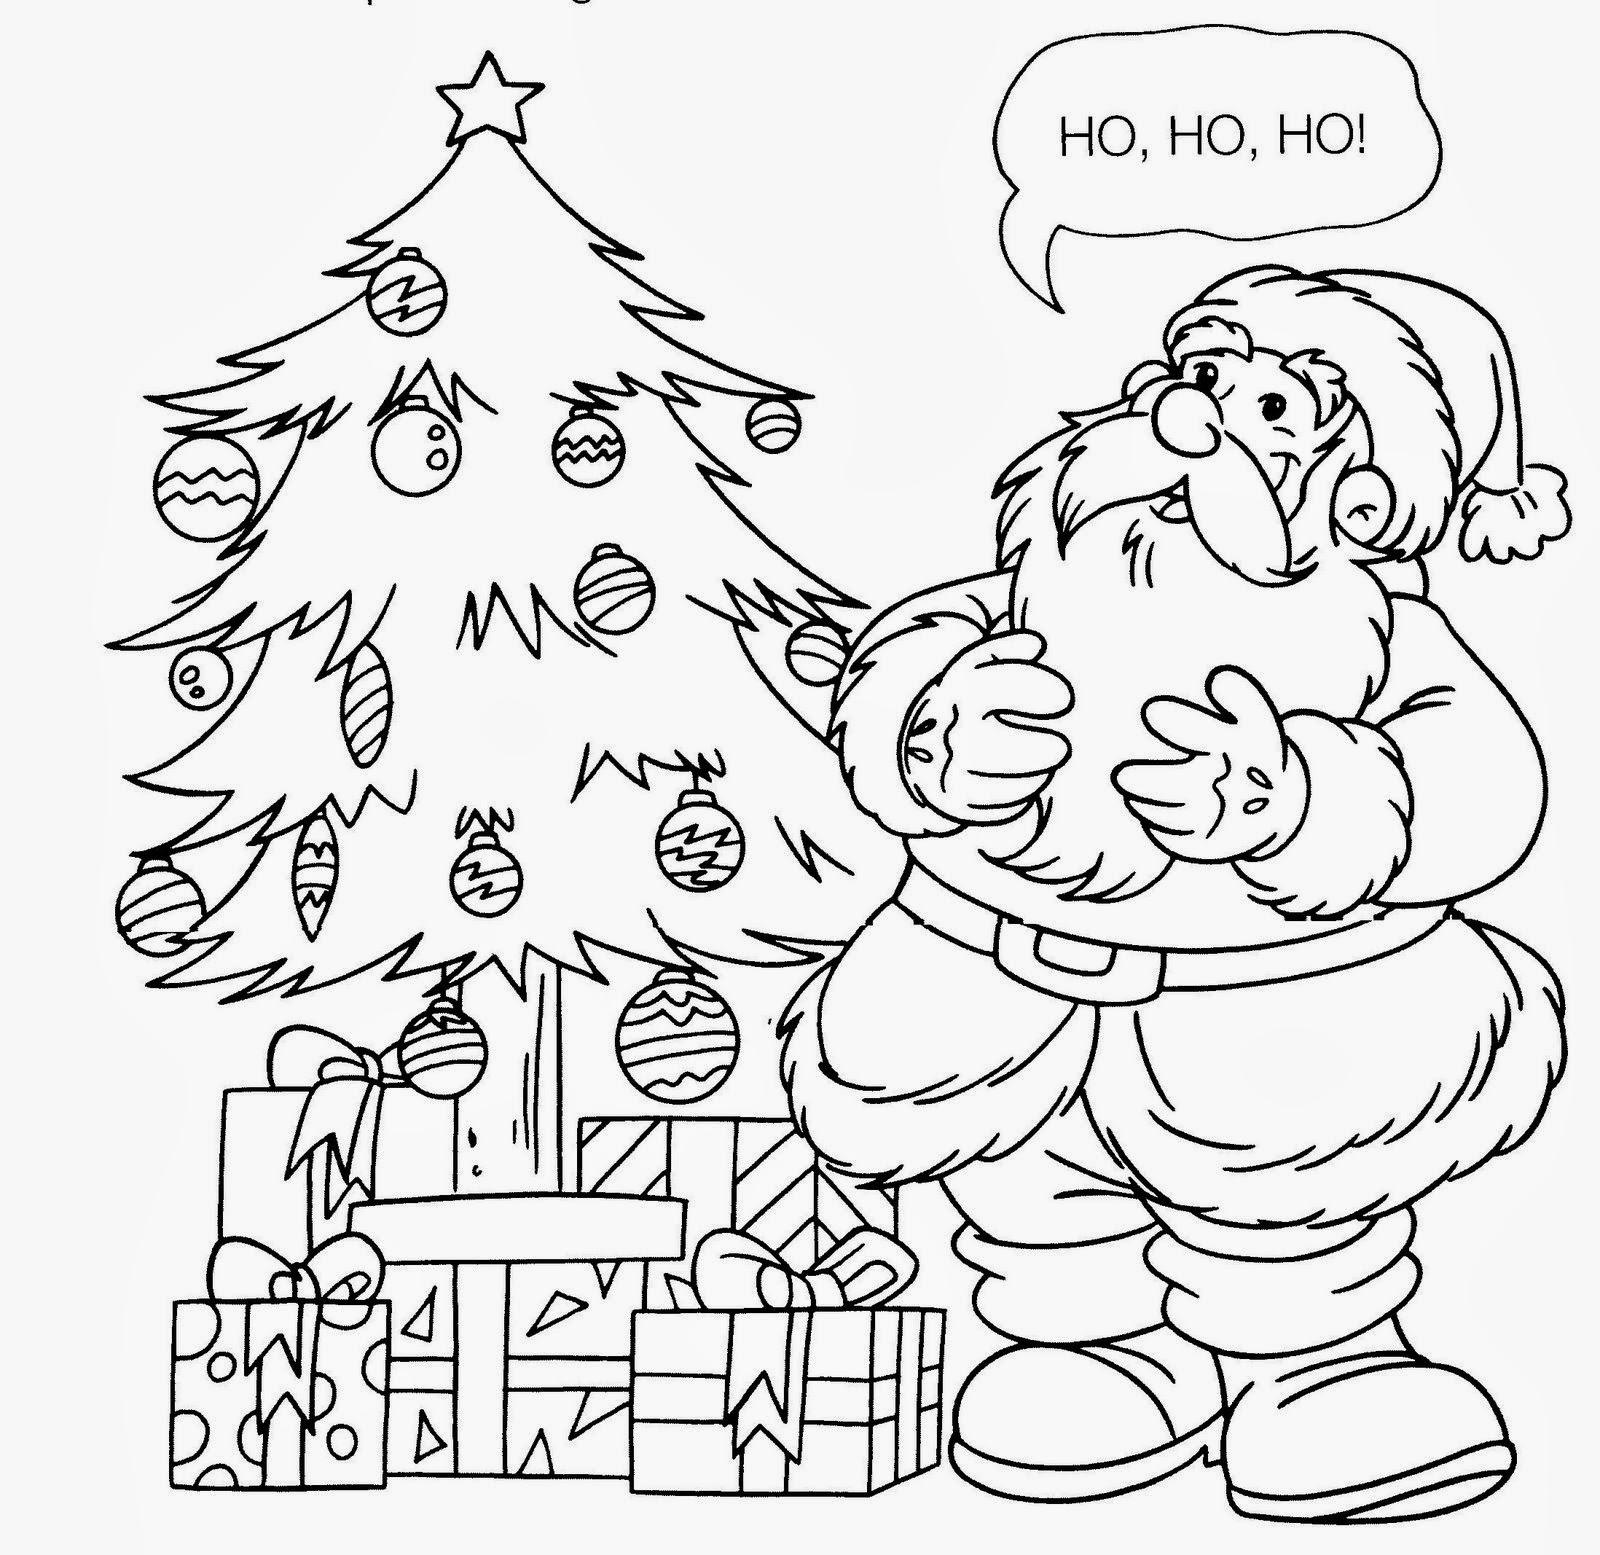 Pintando E Colorindo Colorir Papai Noel Desenhos De Natal